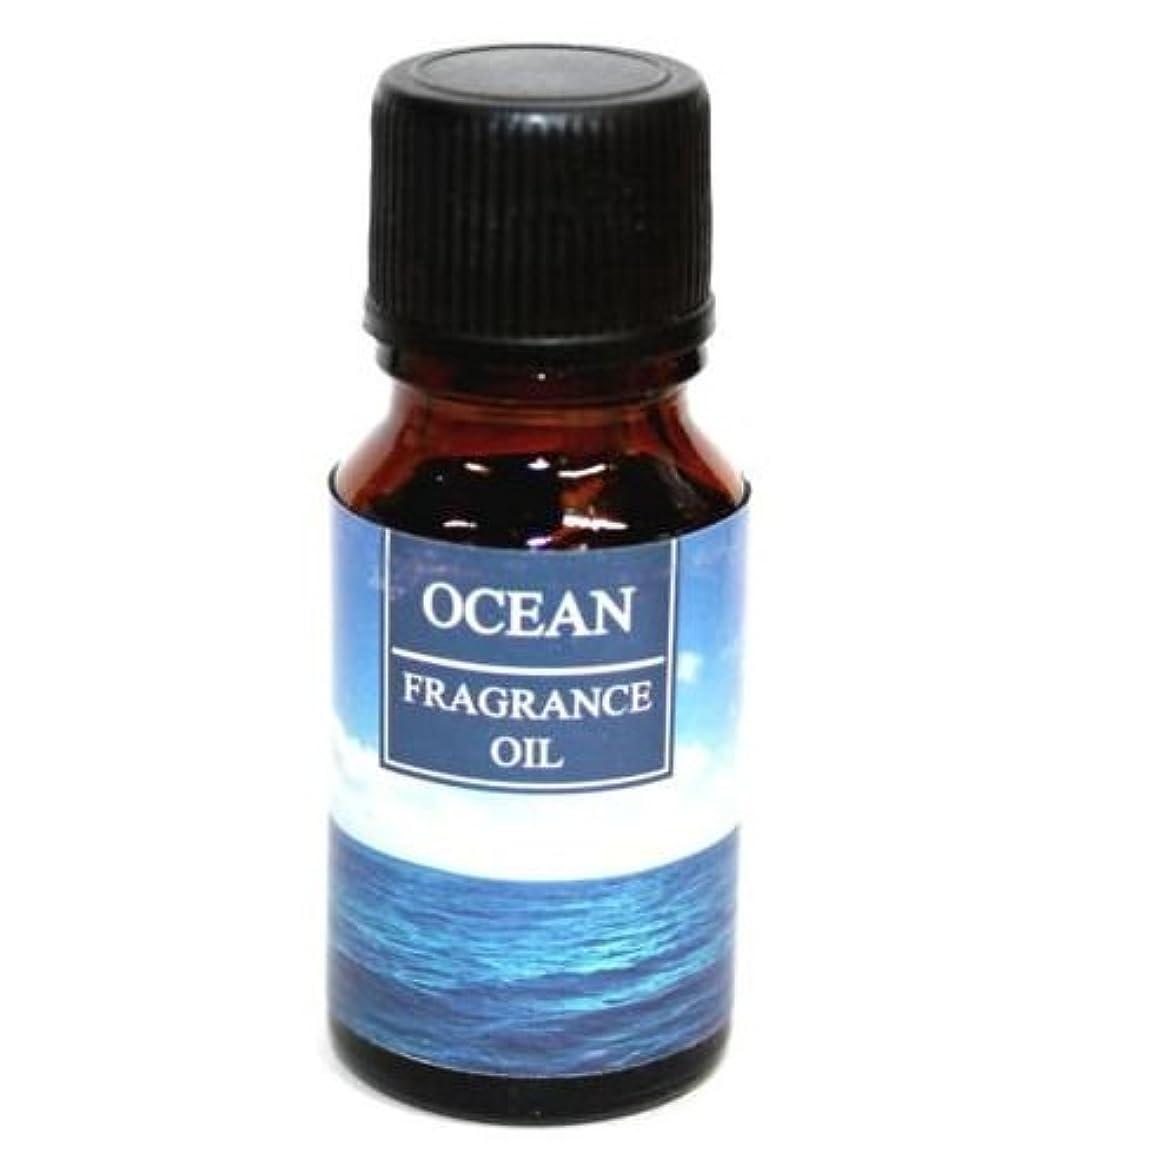 プレゼント酔ったブルームRELAXING アロマオイル AROMA OIL フレグランスオイル OCEAN 海の香り RQ-10